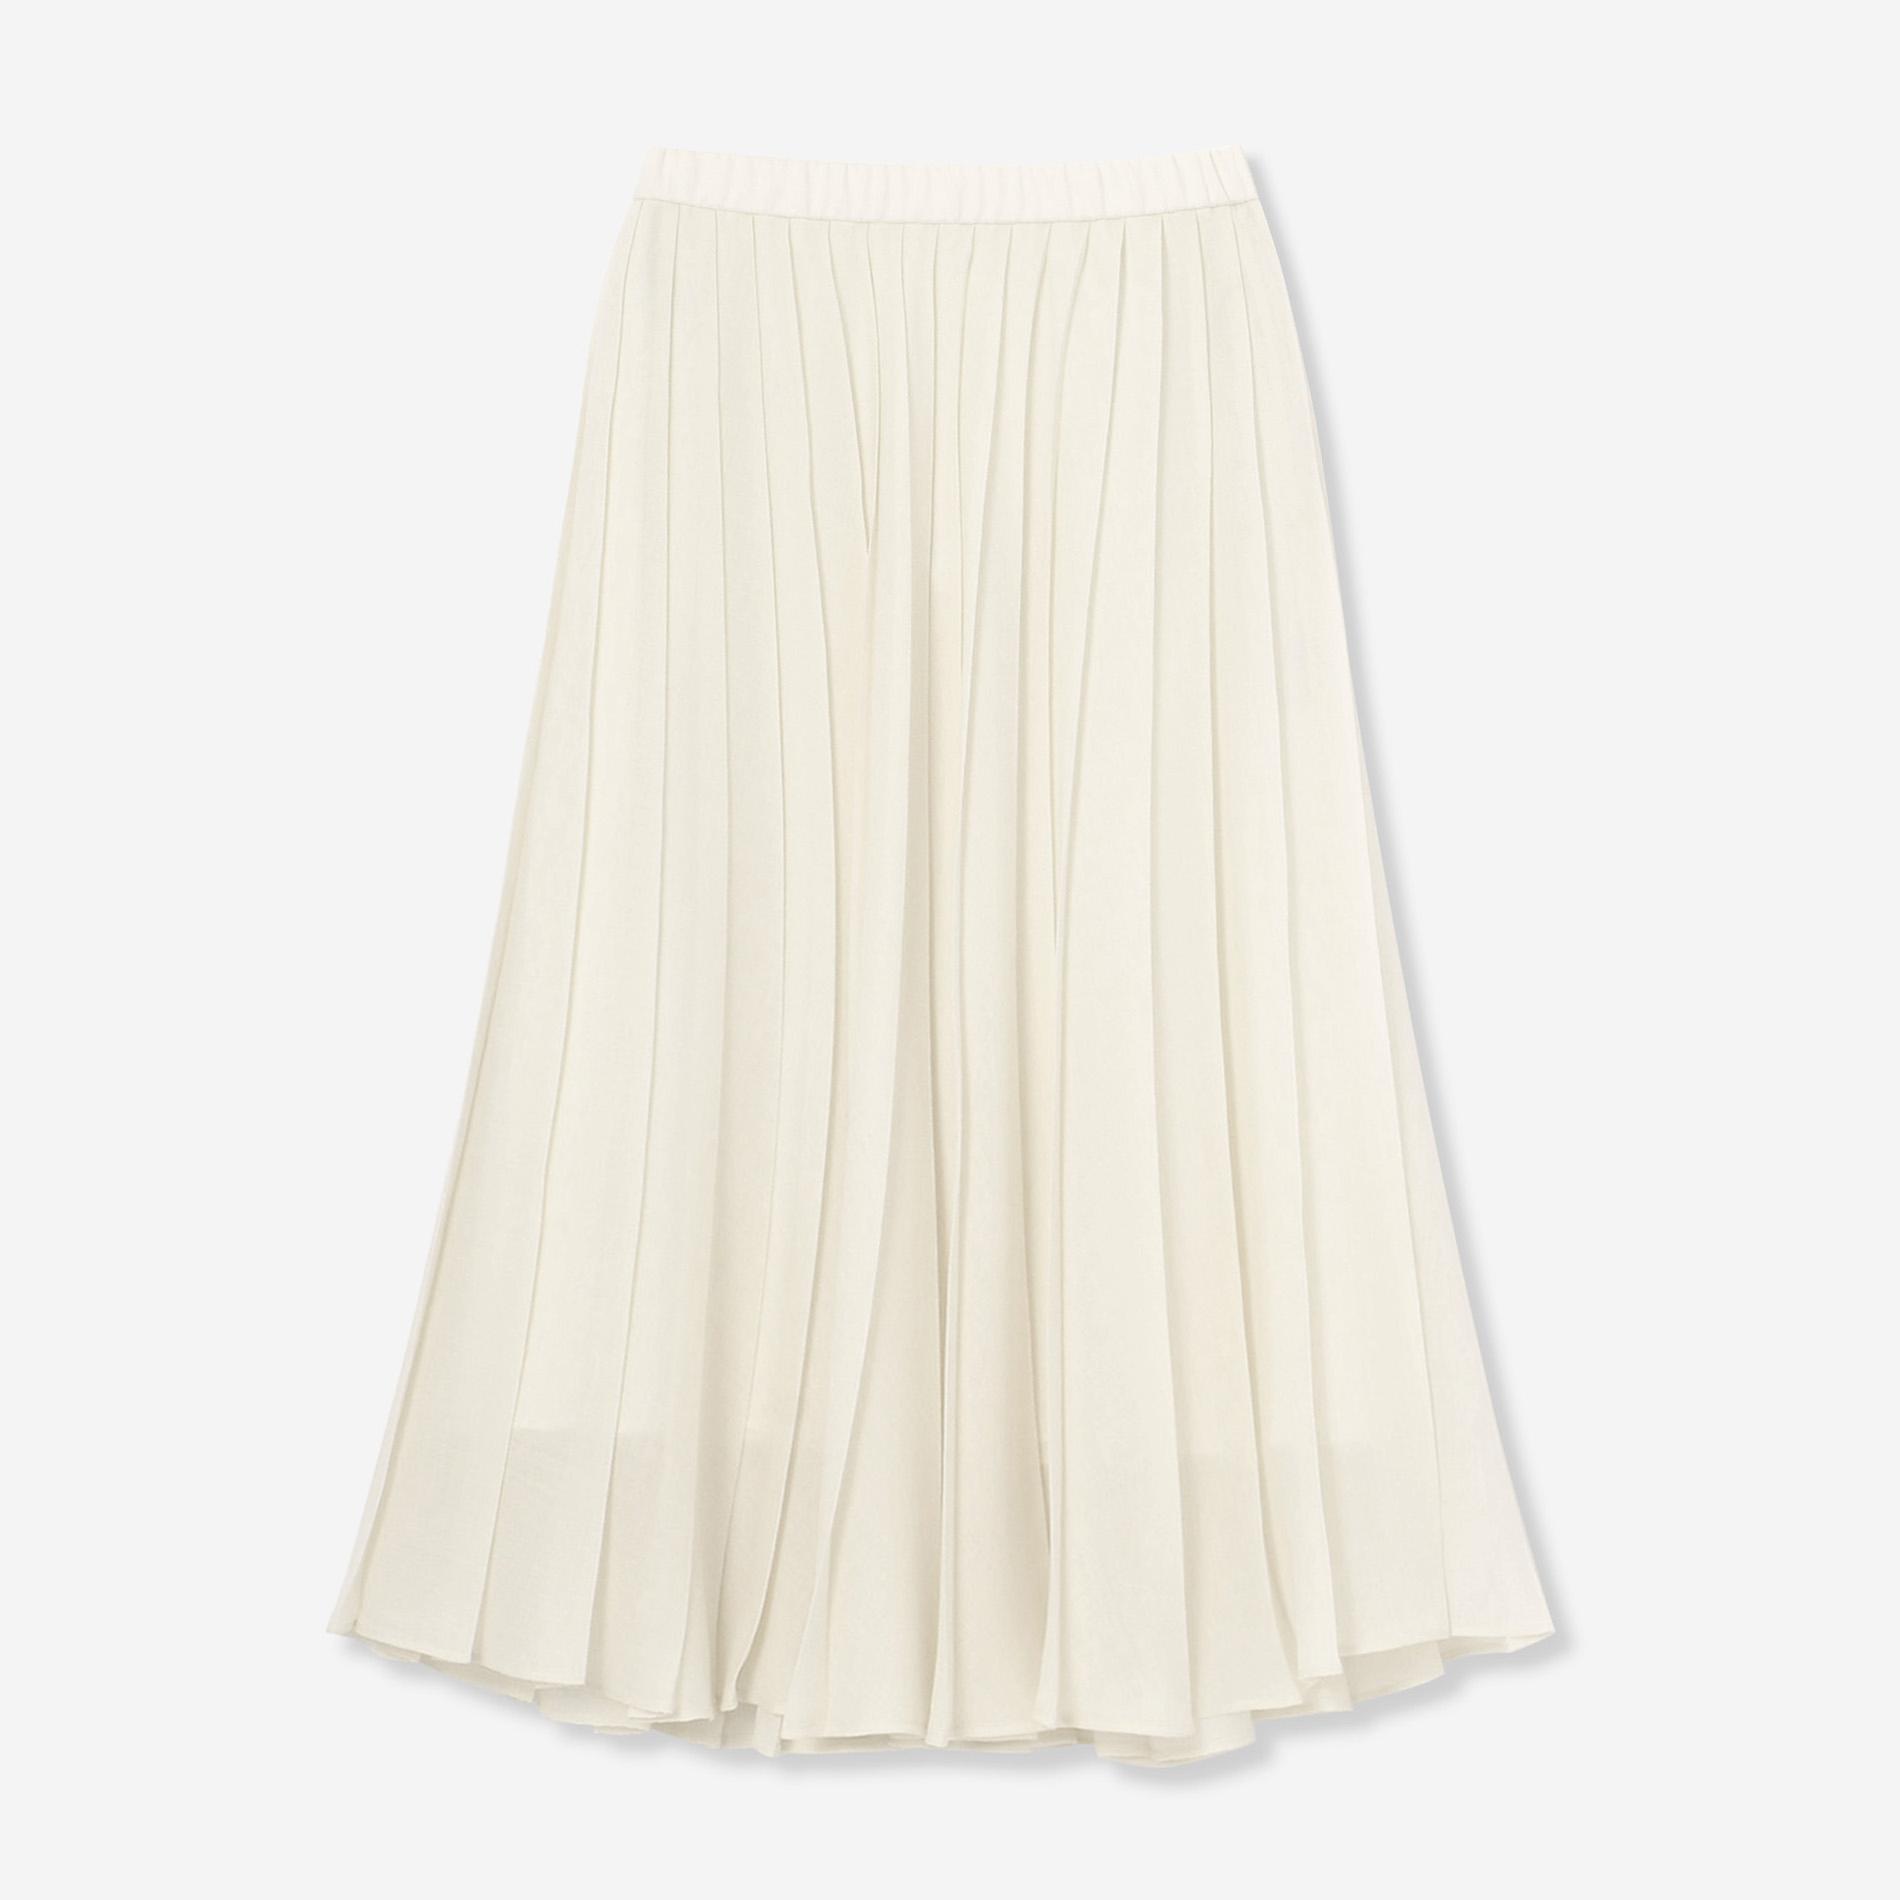 ウールポリエステルツイルプリーツスカート